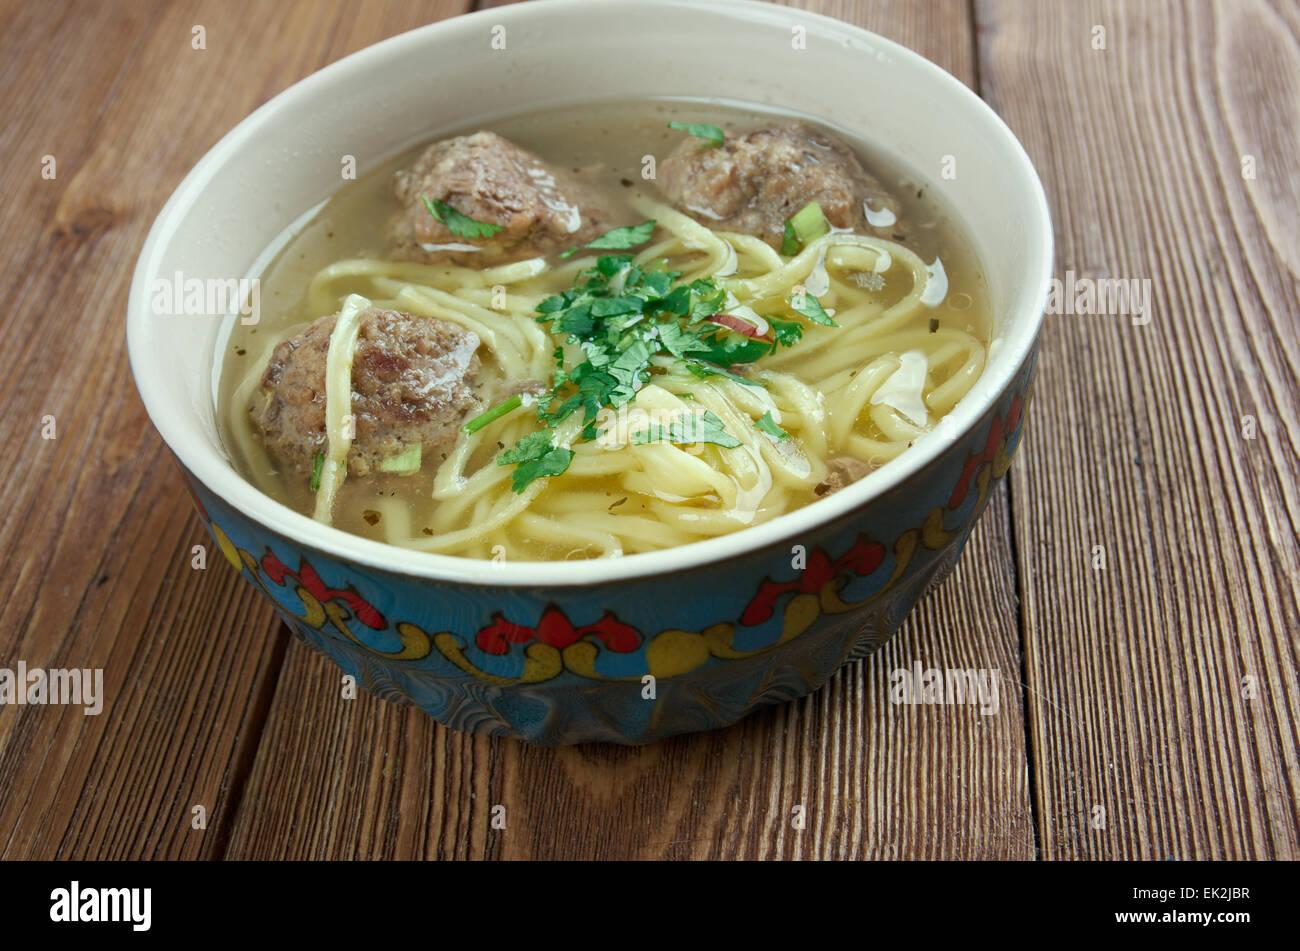 hamrashi - Azerbaijani soup with noodles and meatballs - Stock Image